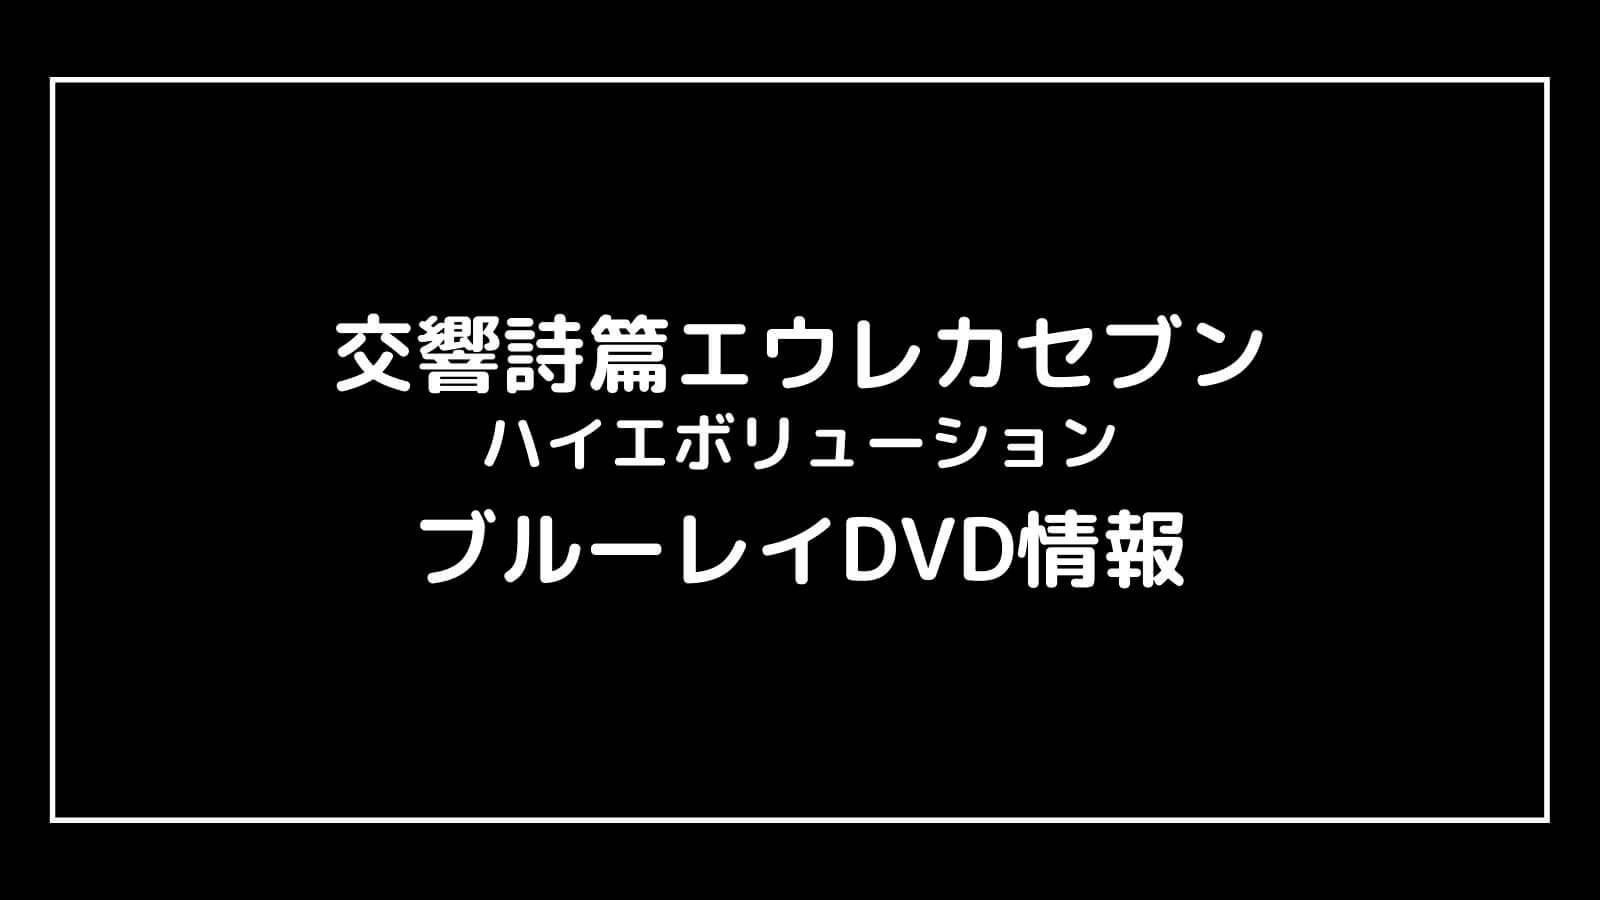 映画『EUREKA 交響詩篇エウレカセブン3』のDVD発売日と予約開始日はいつから?円盤情報まとめ【ハイエボリューション】